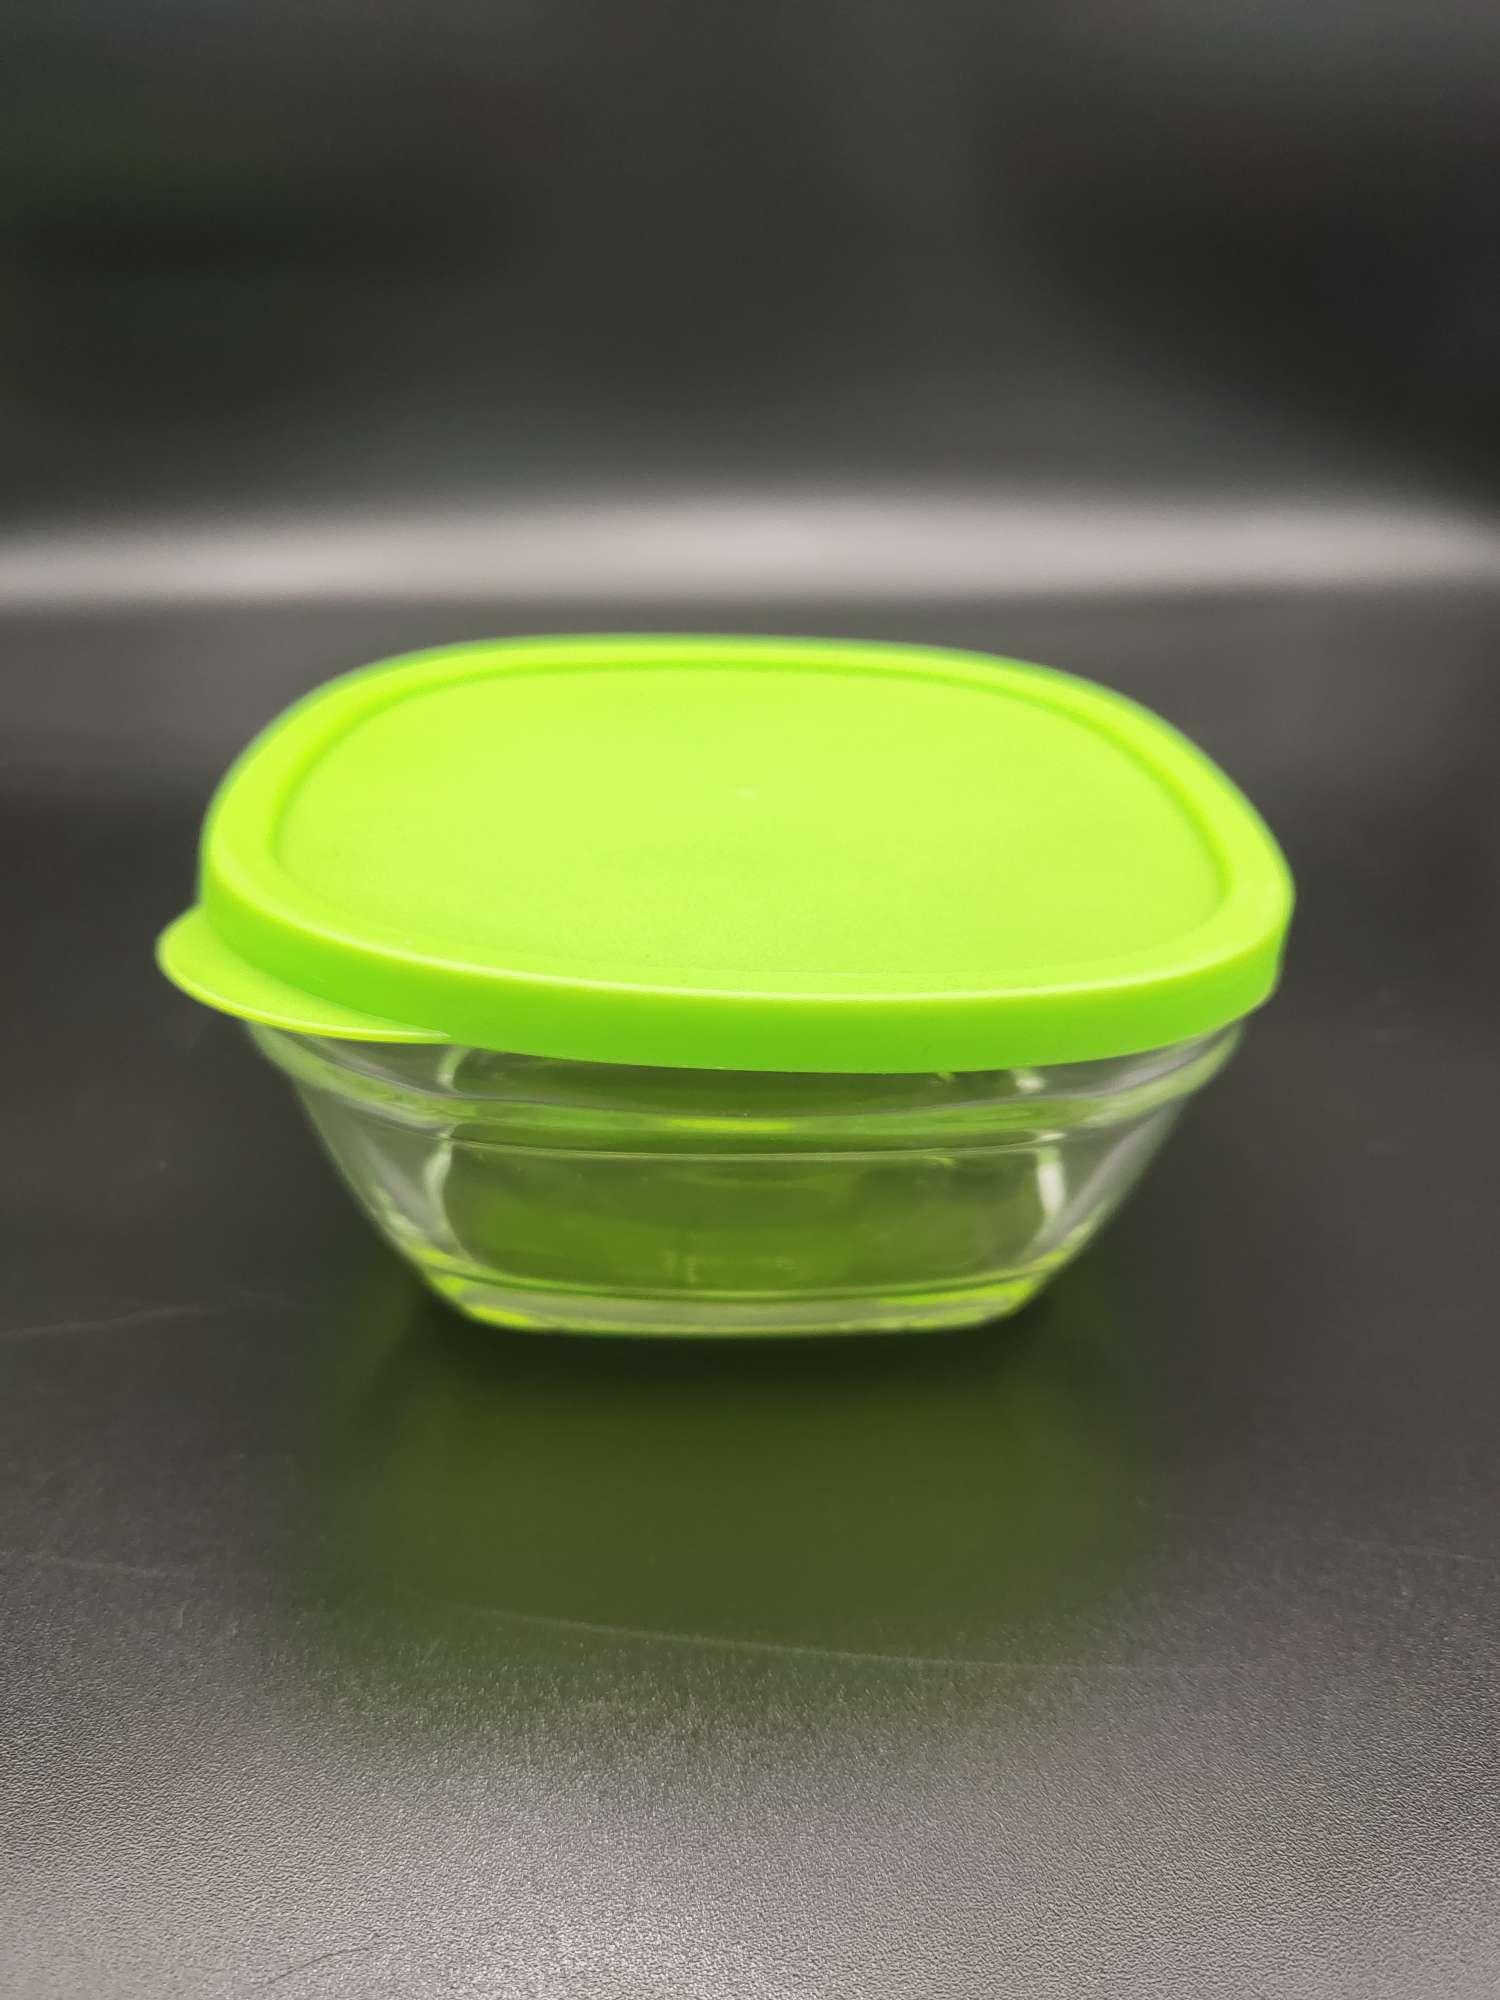 玻璃保鲜盒带盖玻璃碗